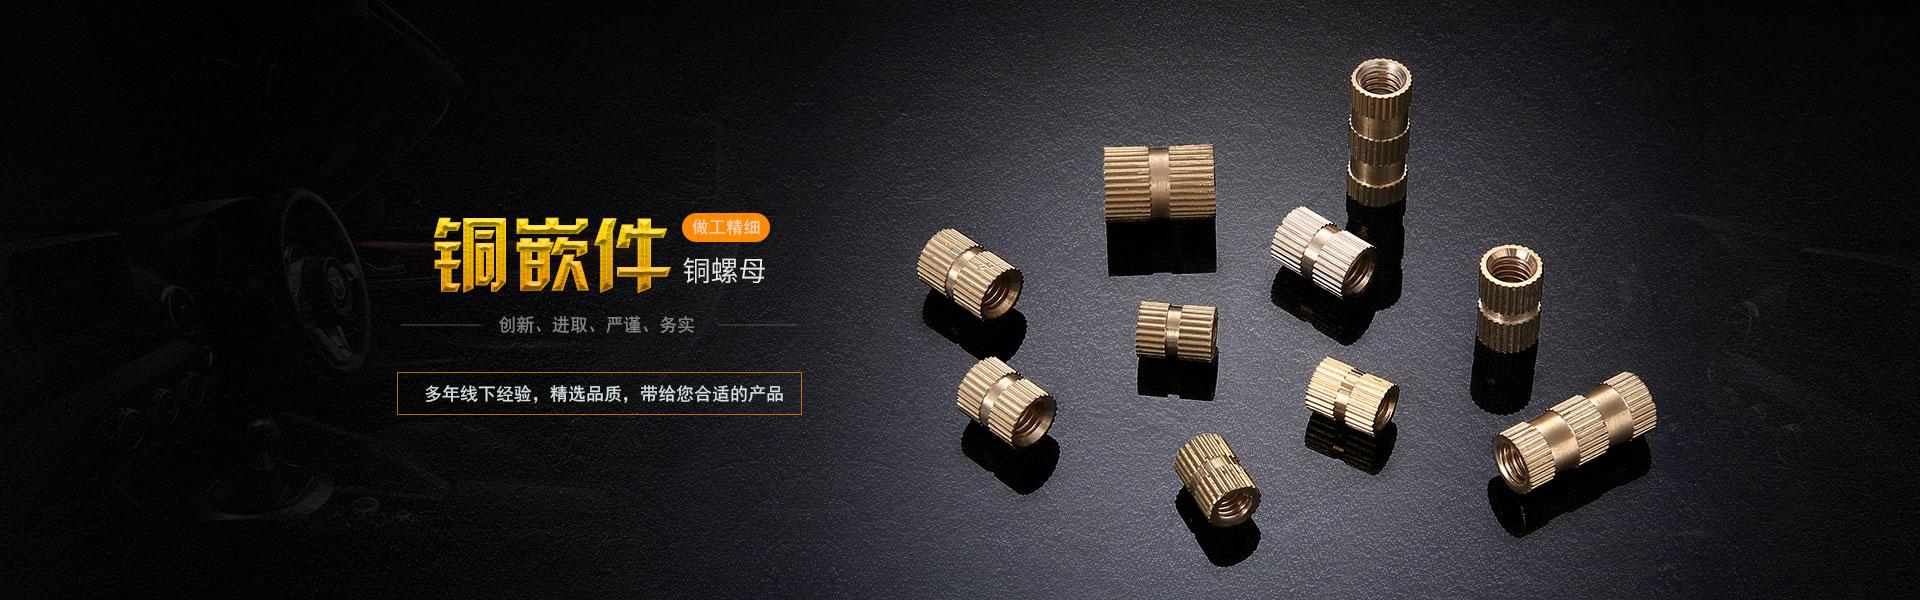 锁紧螺母,盖形螺母,法兰螺母,套管螺母,t型螺母